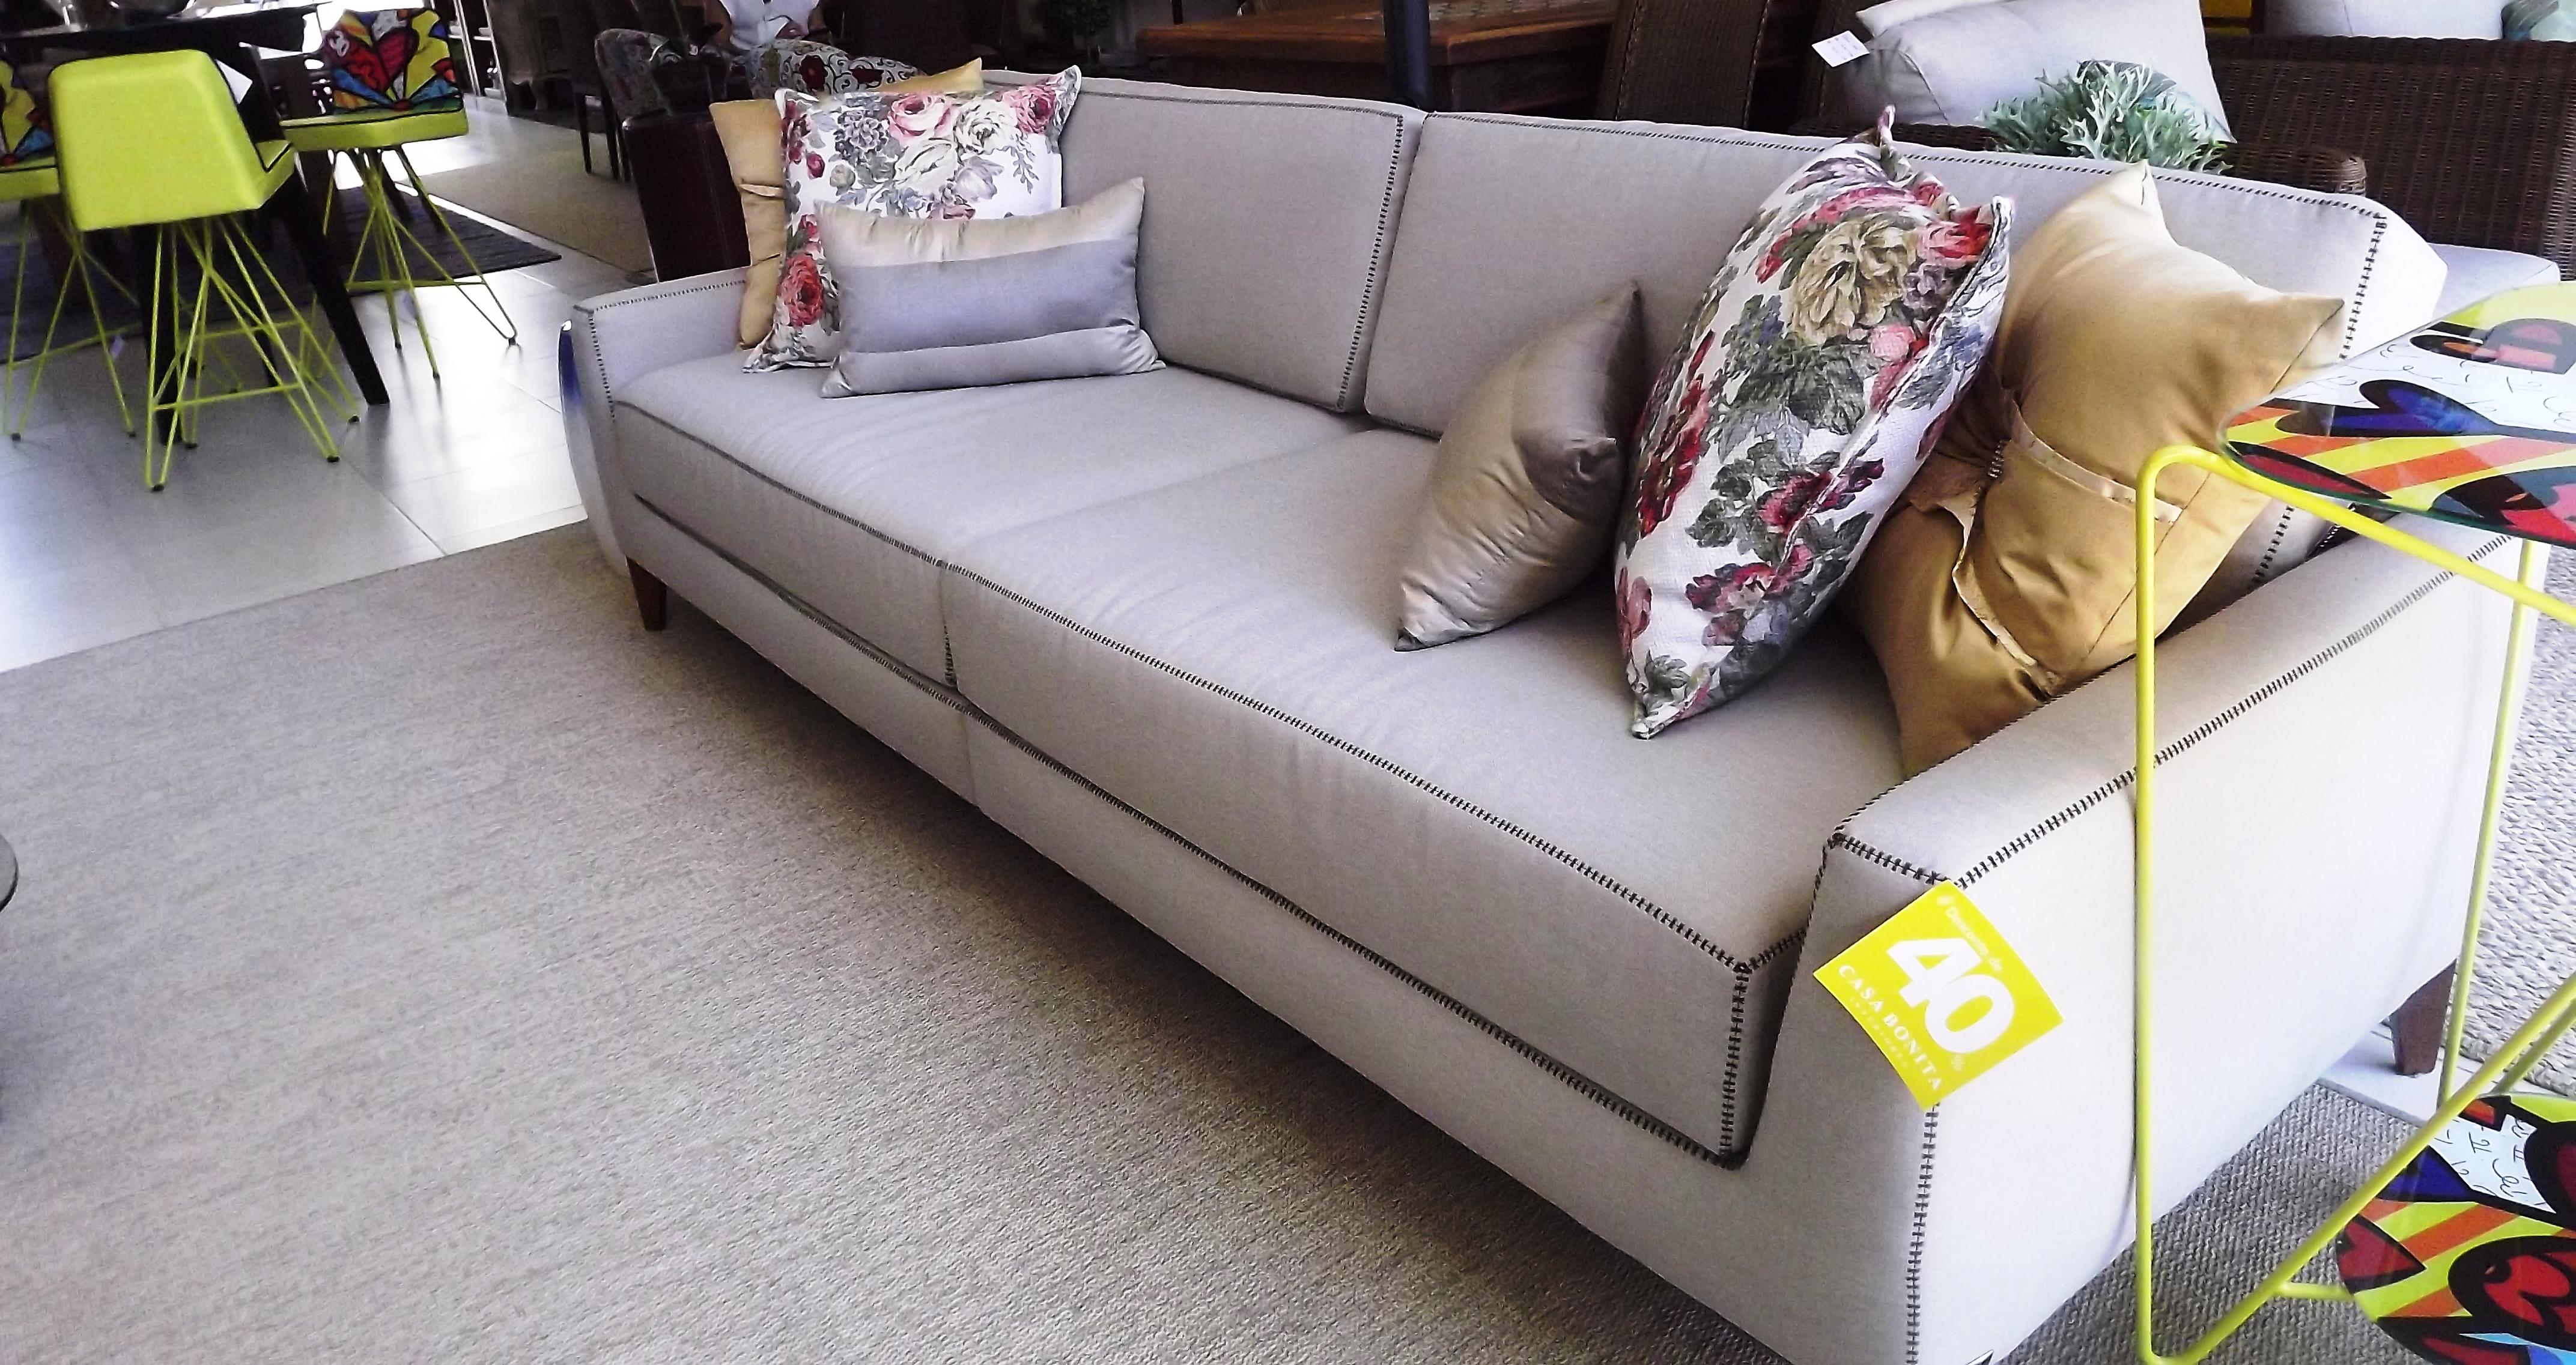 Sofá e almofadas coloridas